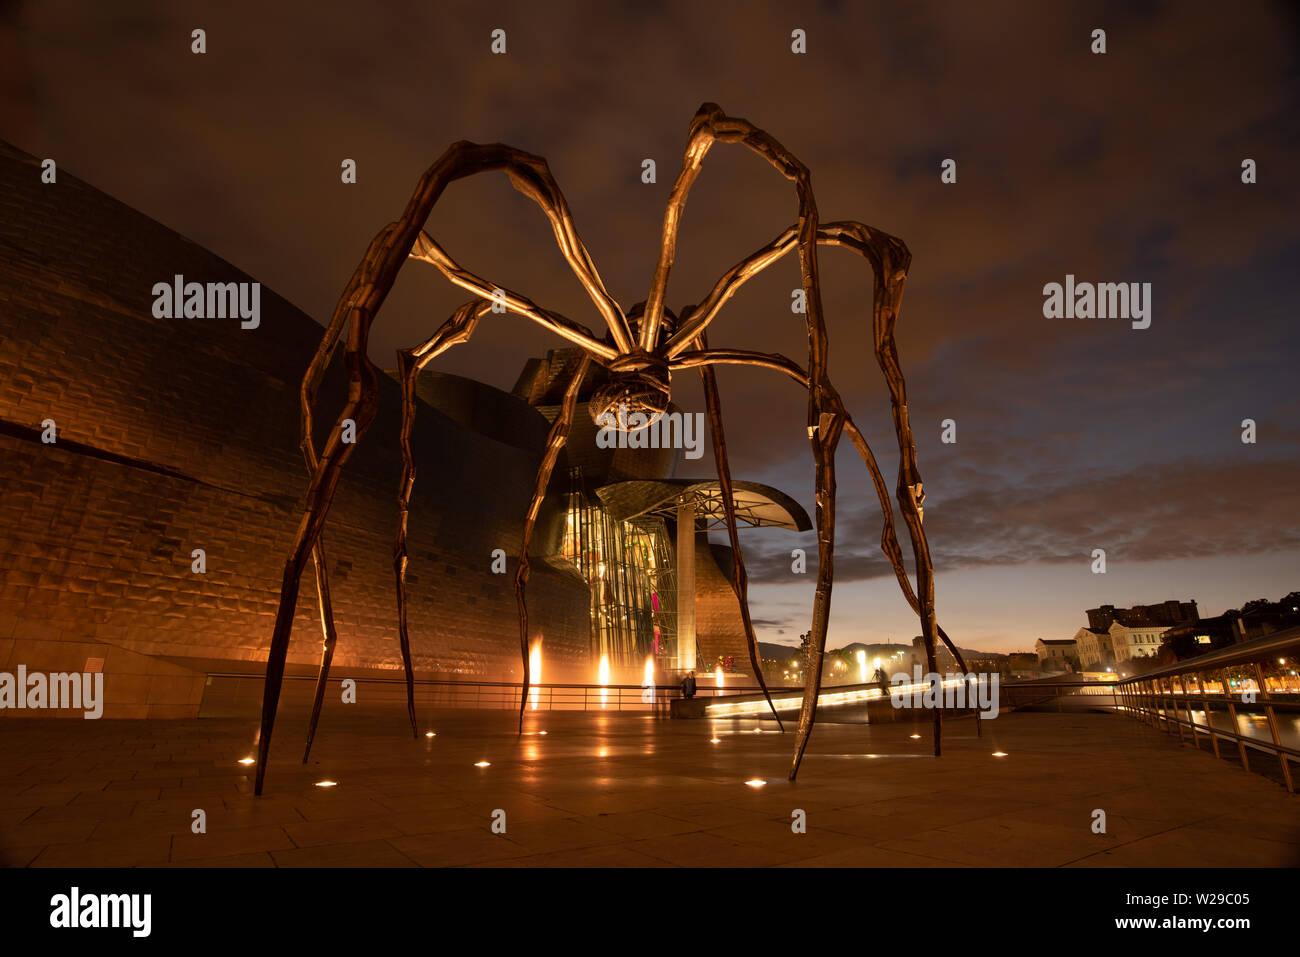 Bilbao, España 16/10-18. La escultura denominada Maman, de Louise Bourgeois está situado en las afueras del museo Guggenheim en Bilbao, España. Foto de stock